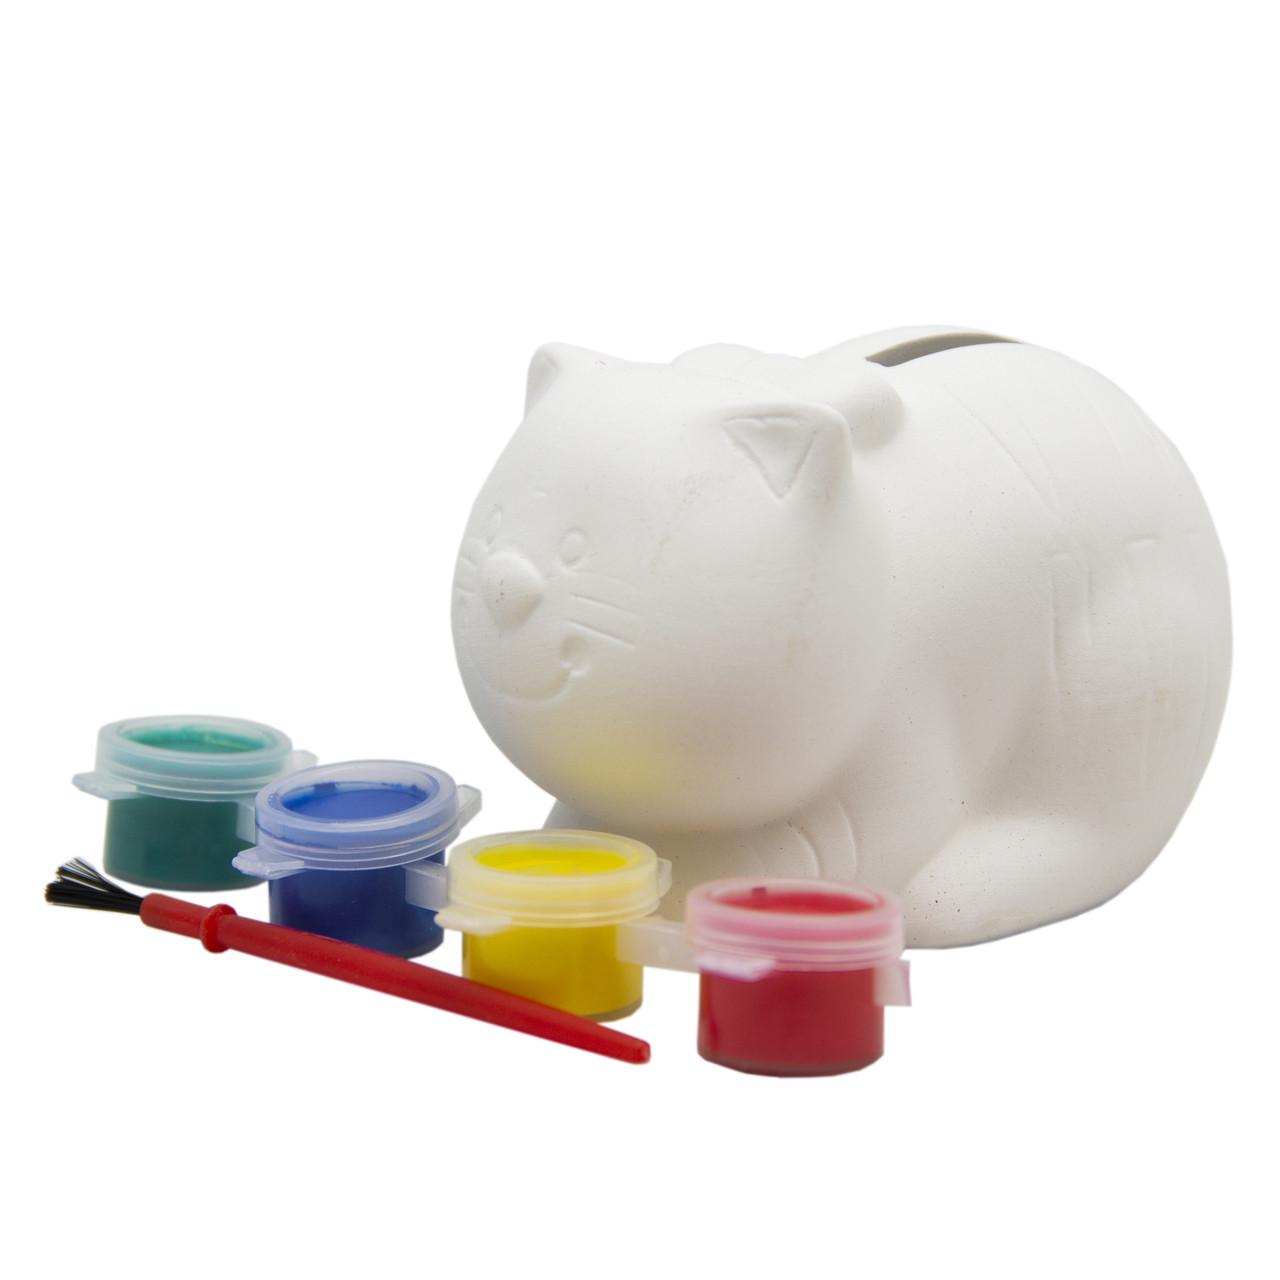 Набор творческий из керамики -Котик- (LE06)